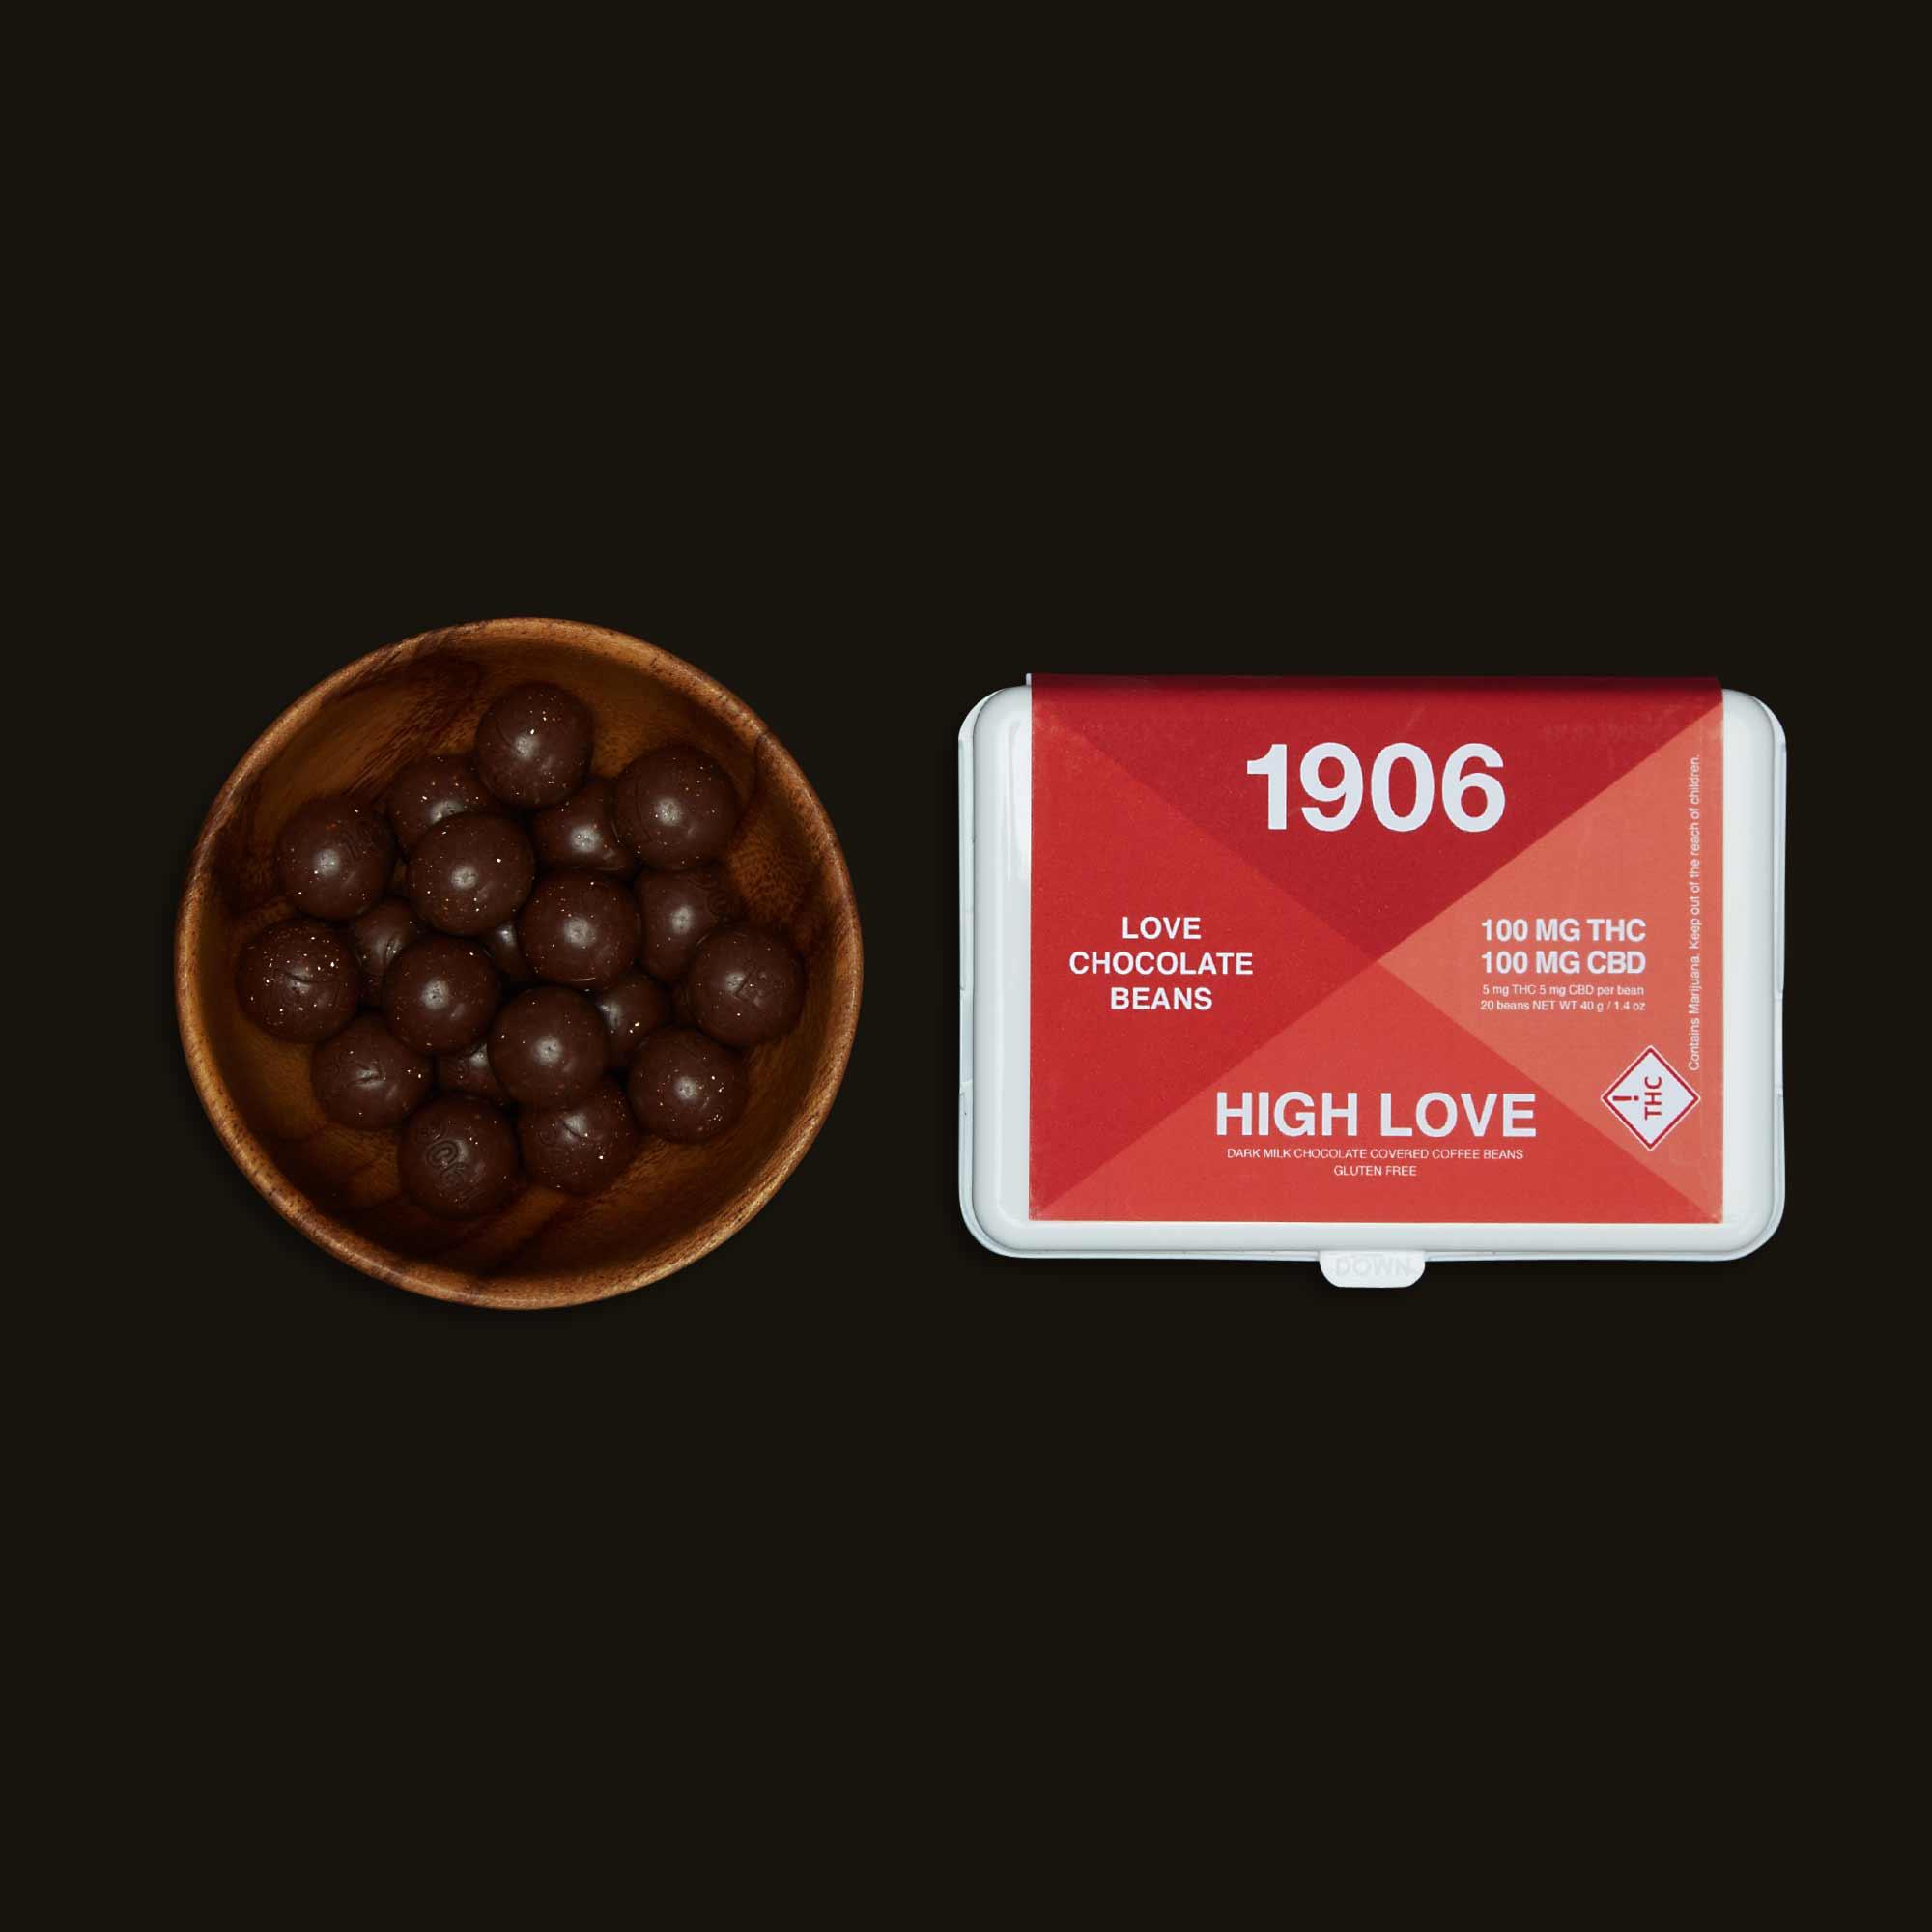 1906 High Love Beans